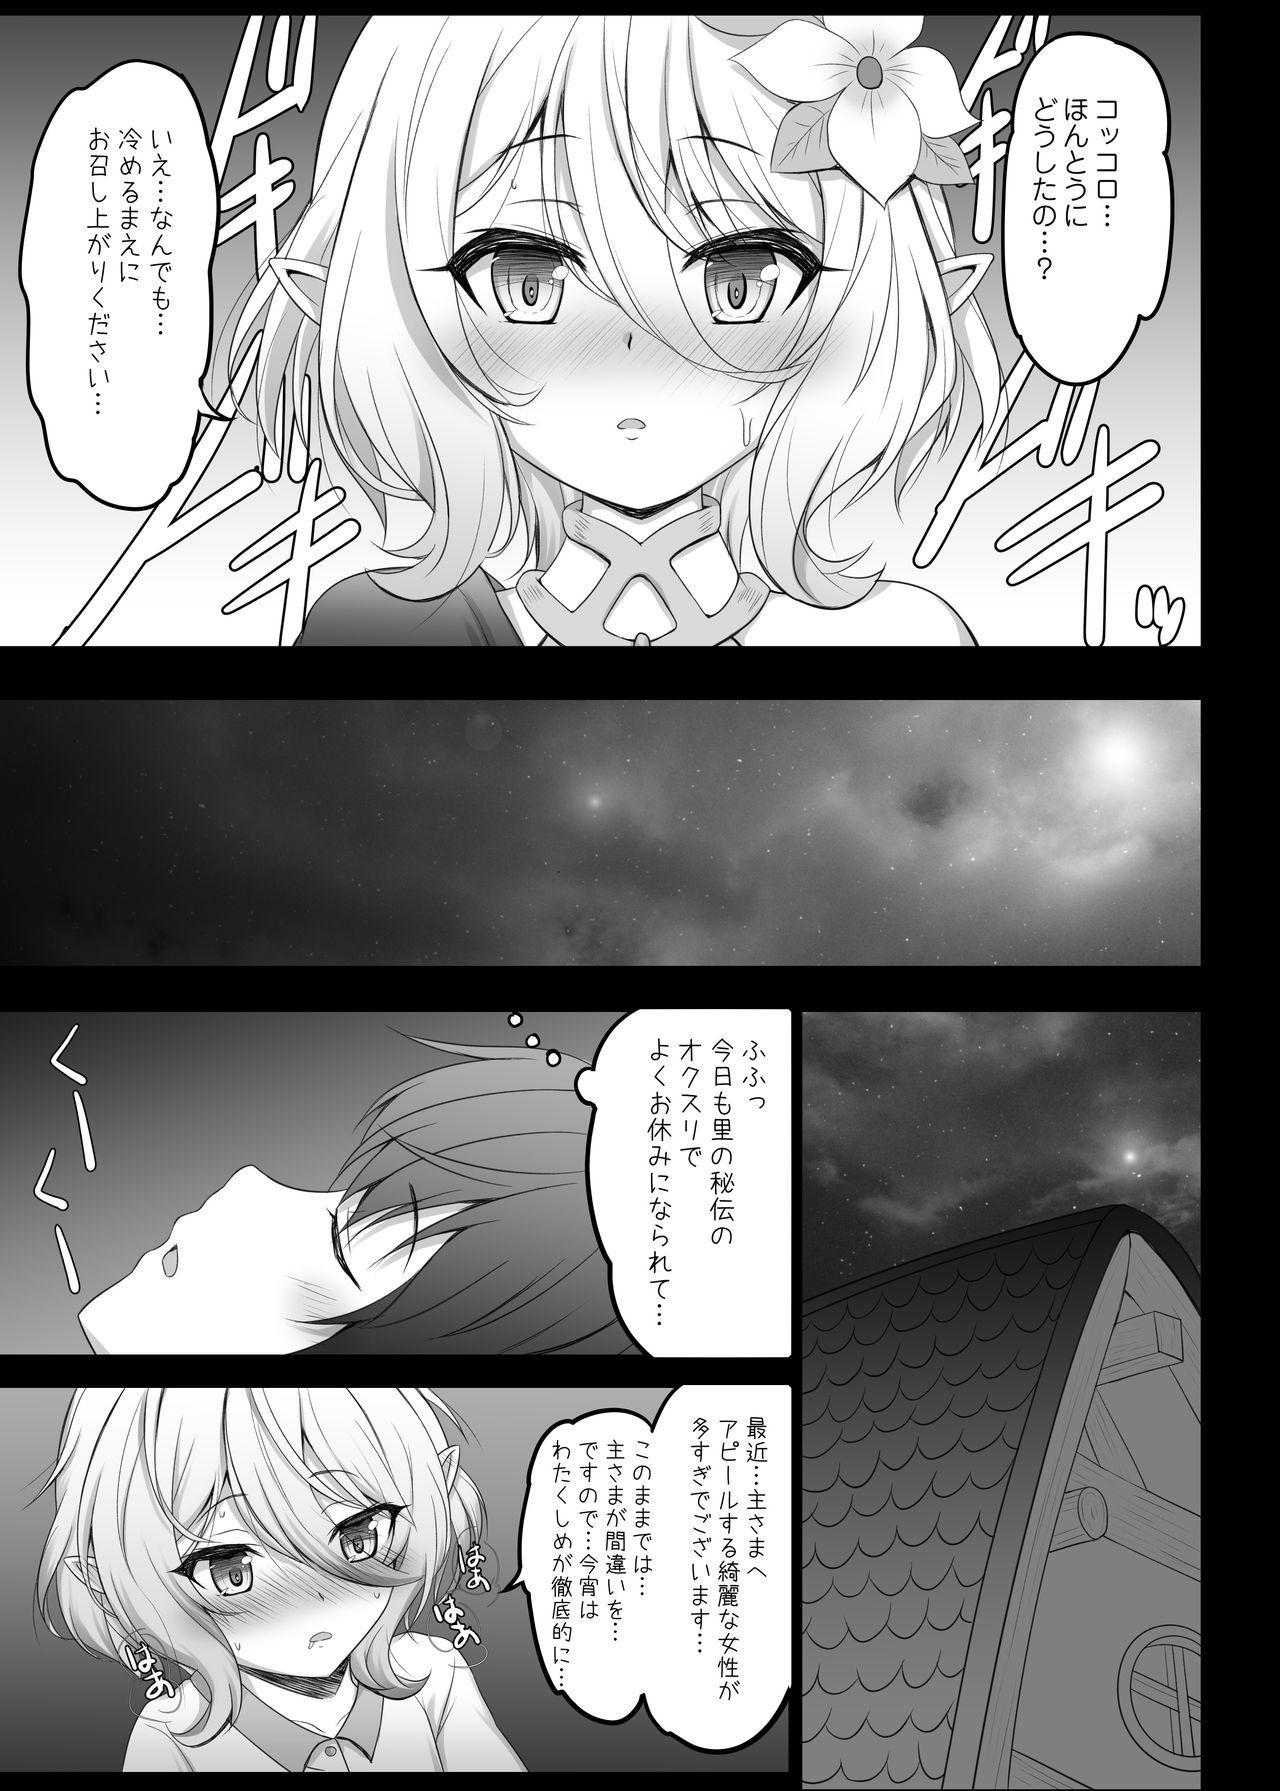 Kokkoro to Aruji-sama no Okusuri Ecchi Nisshi 6